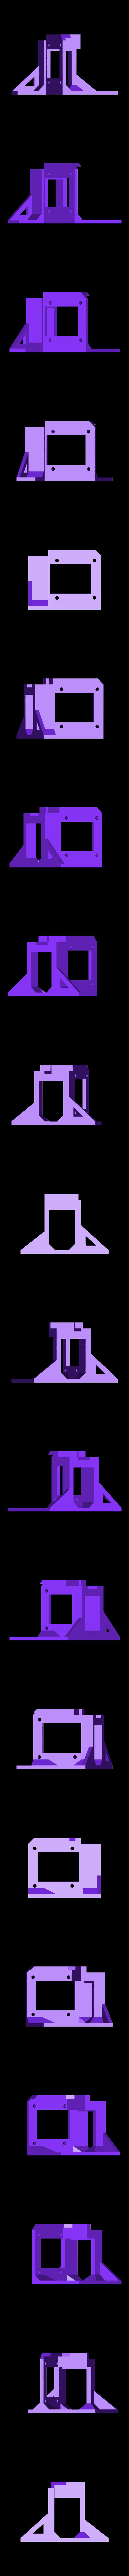 BaseEnd-Powered.STL Télécharger fichier STL gratuit Machine à dessiner CNC facile à imprimer en 3D - Dessinez sur des gâteaux, des téléphones, du papier, des chemises   Traceur Arduino GRBL • Modèle pour imprimante 3D, DIYMachines